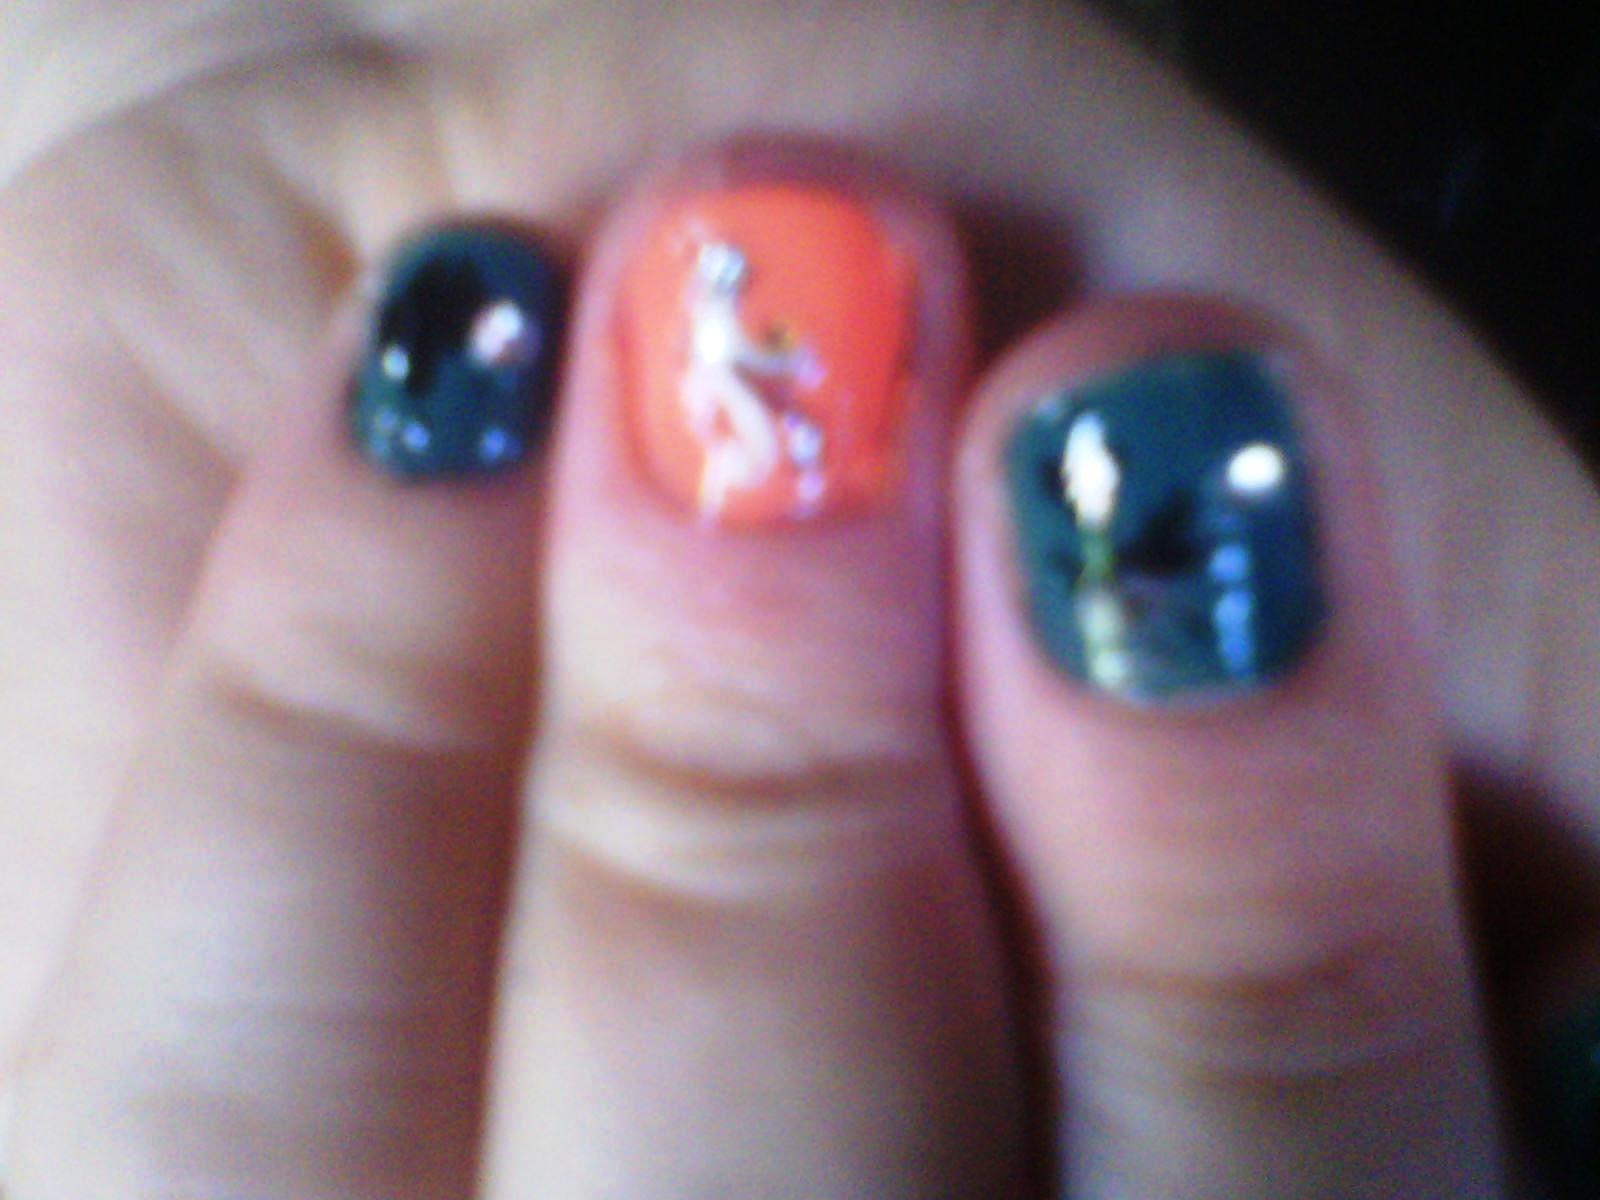 Pies de mi amiga con untildeas recieacuten pintadas acariciandome - 3 10